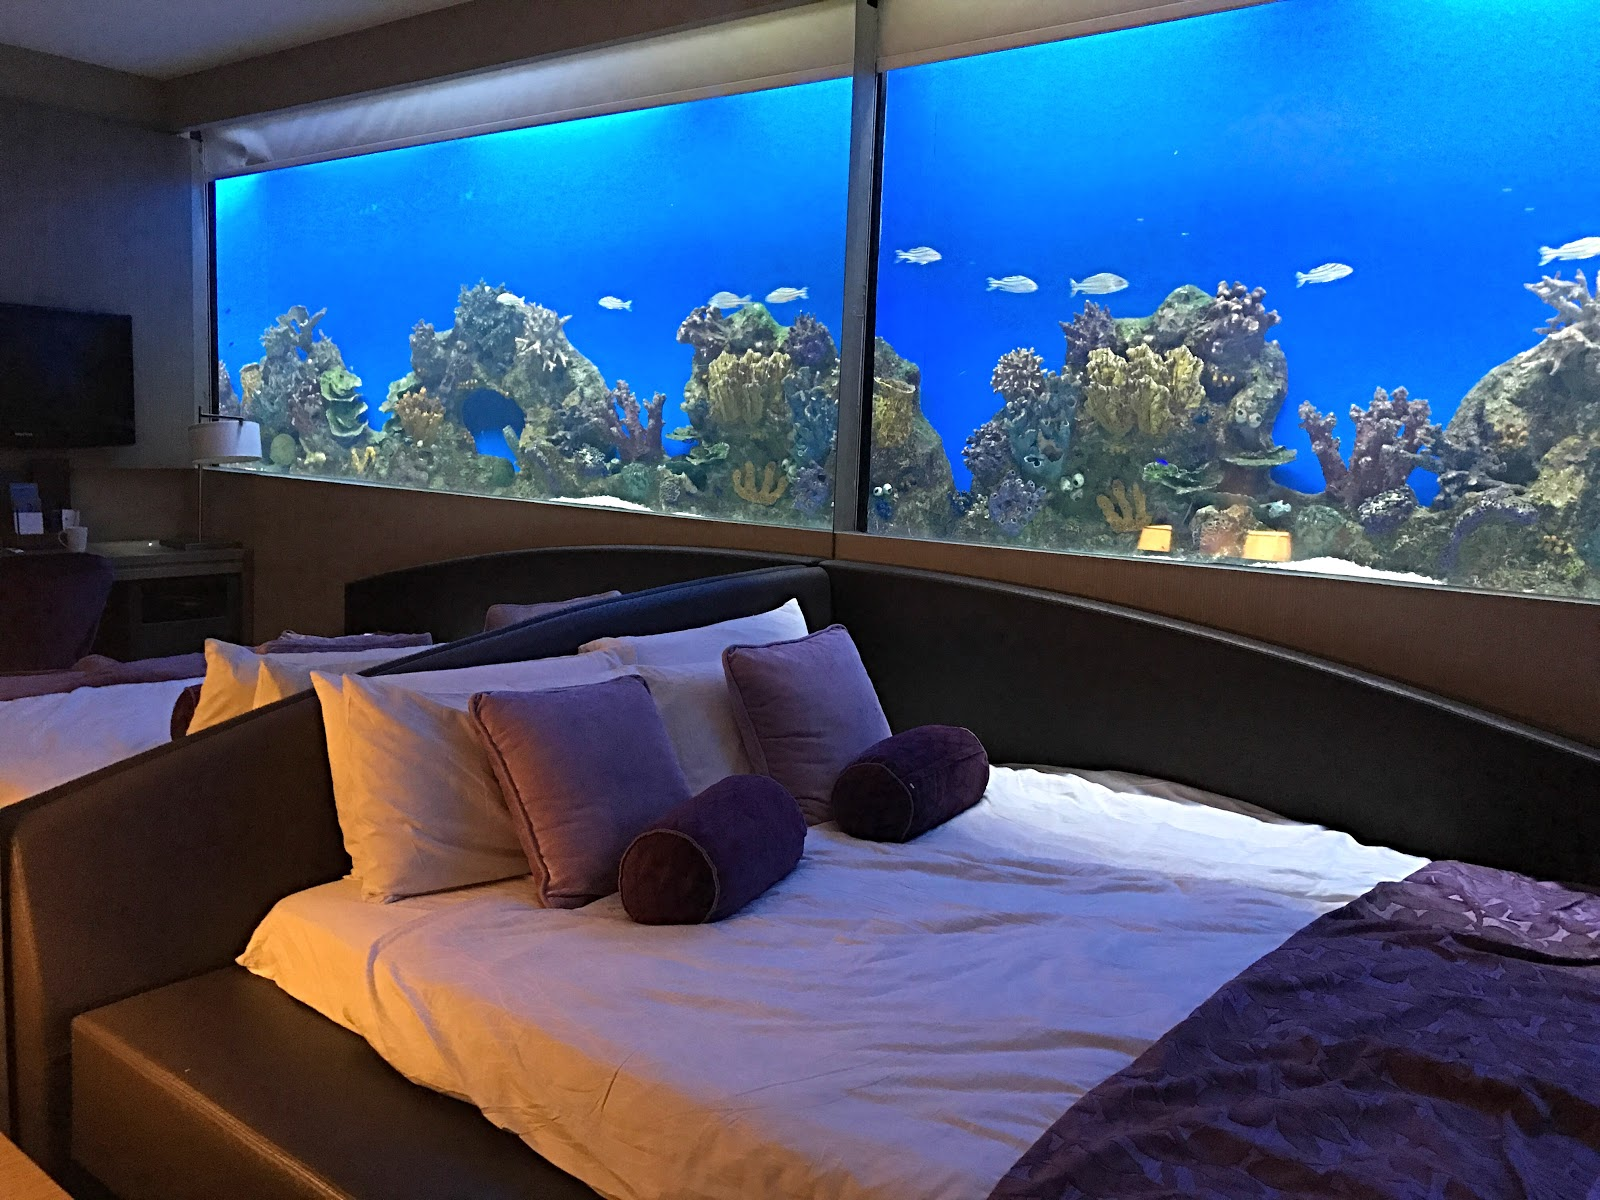 Aquarium Hotel Room Manila